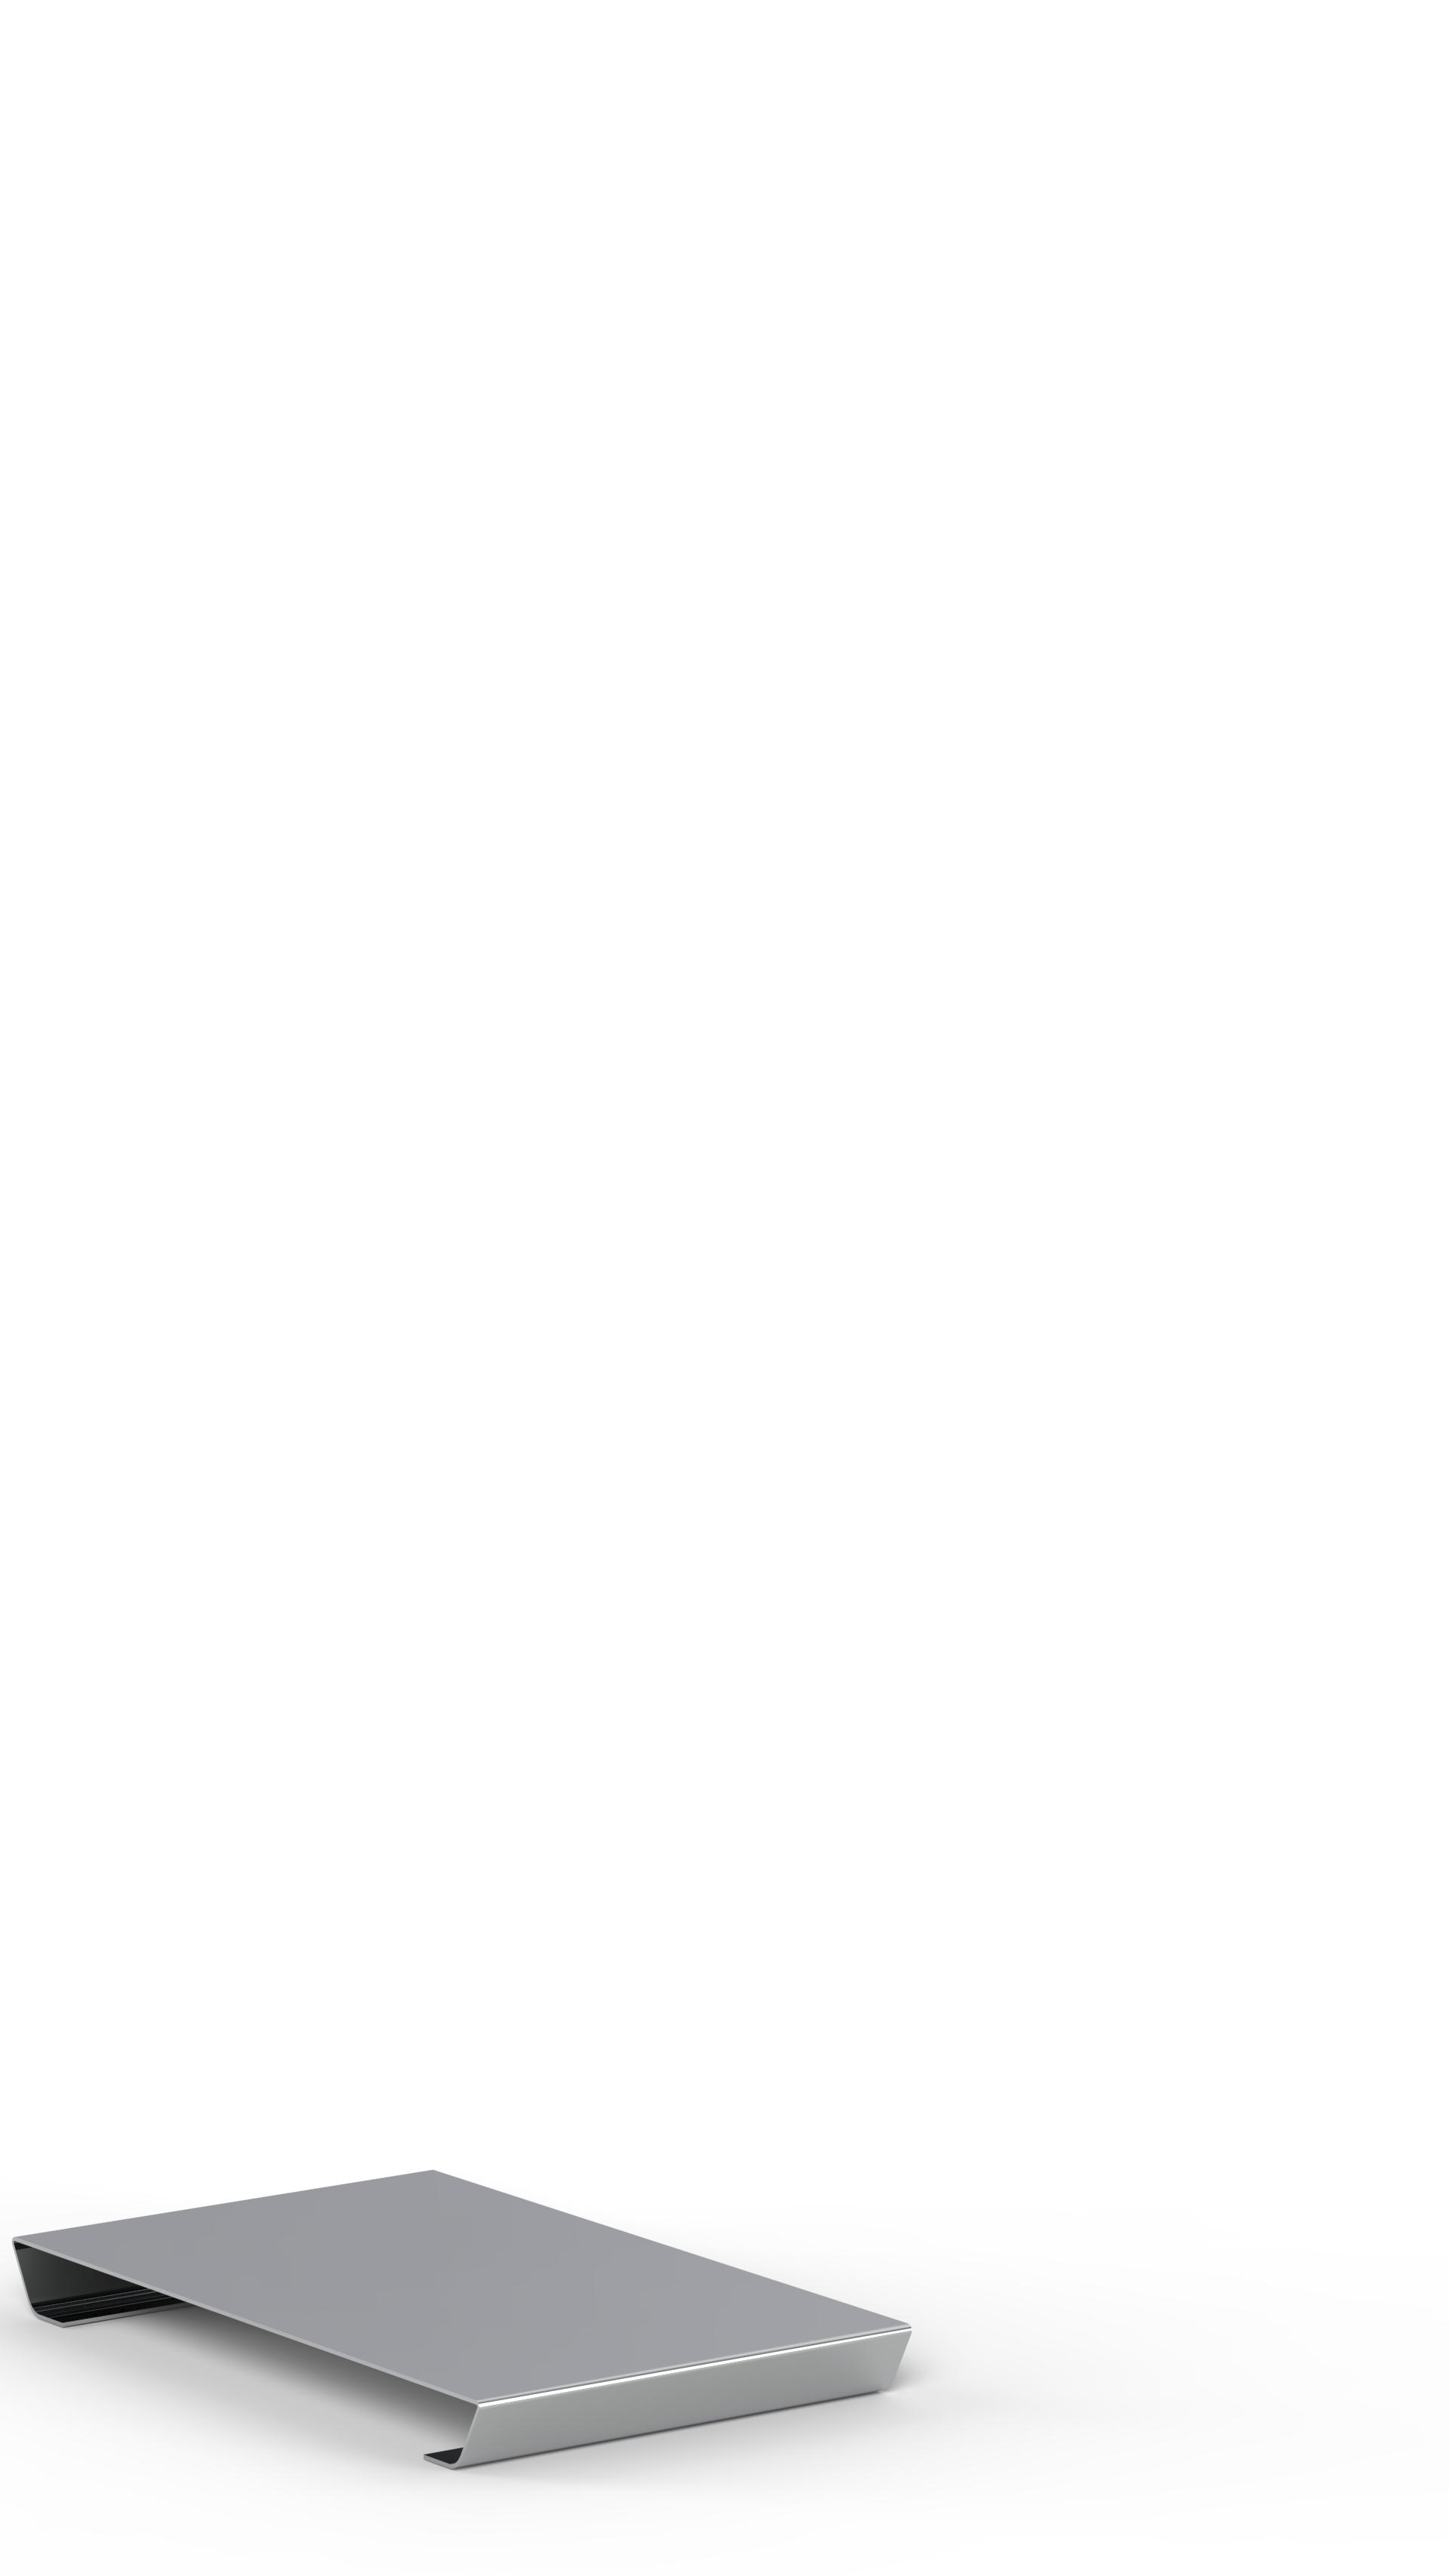 aeroPL40x25x4x2 Présentoir plateau de présentation SAINT-HONORÉ PARIS